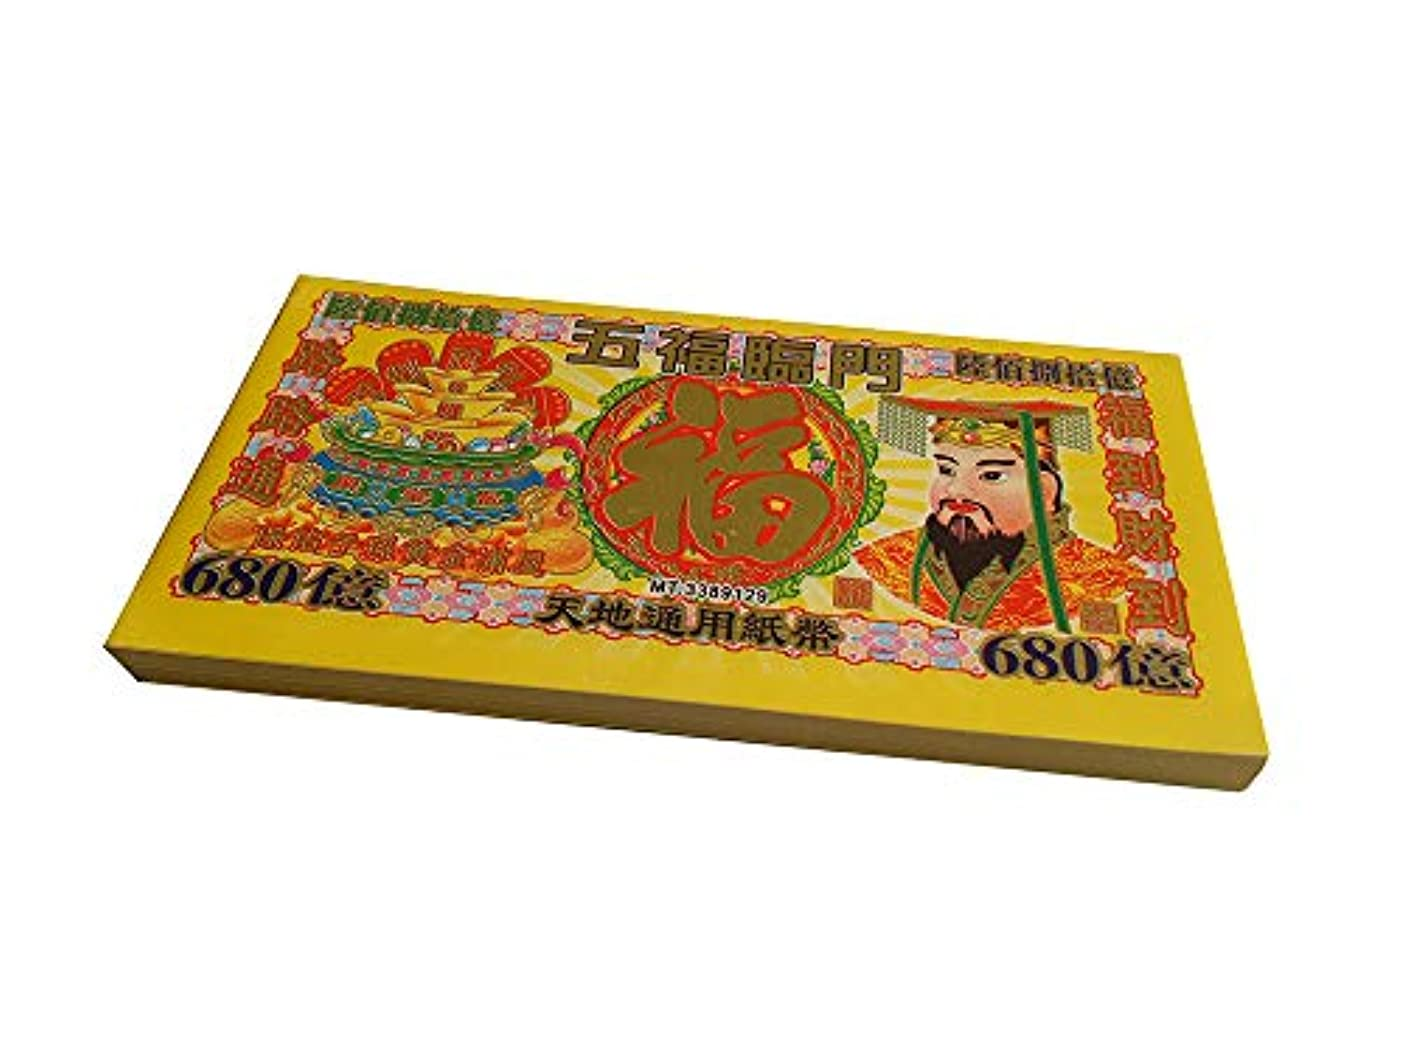 寛容悲惨ファシズムzeestar Chinese Joss Paper Money,祖先Money (68,000,000,000 ) – Wufu linmen、100個